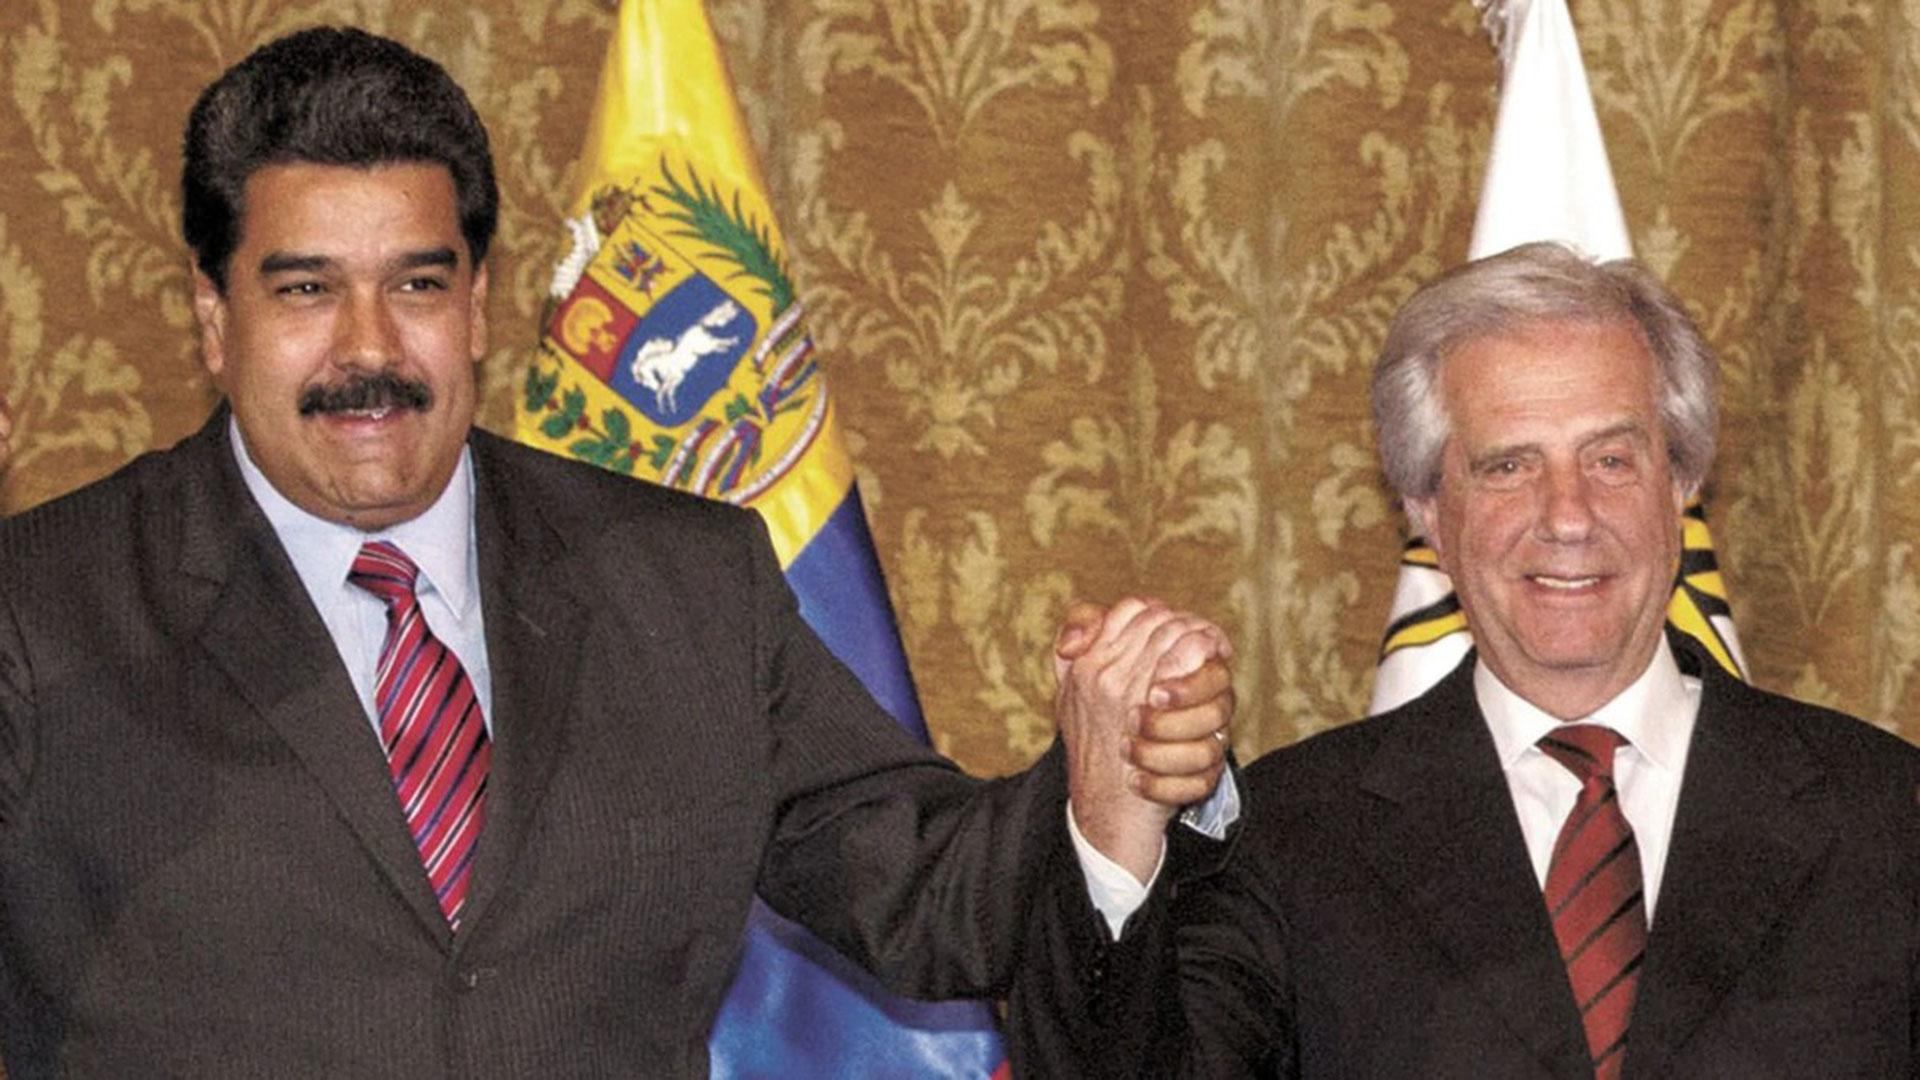 Nicolás Maduro y Tabaré Vázquez, una alianza que parece indestructible.